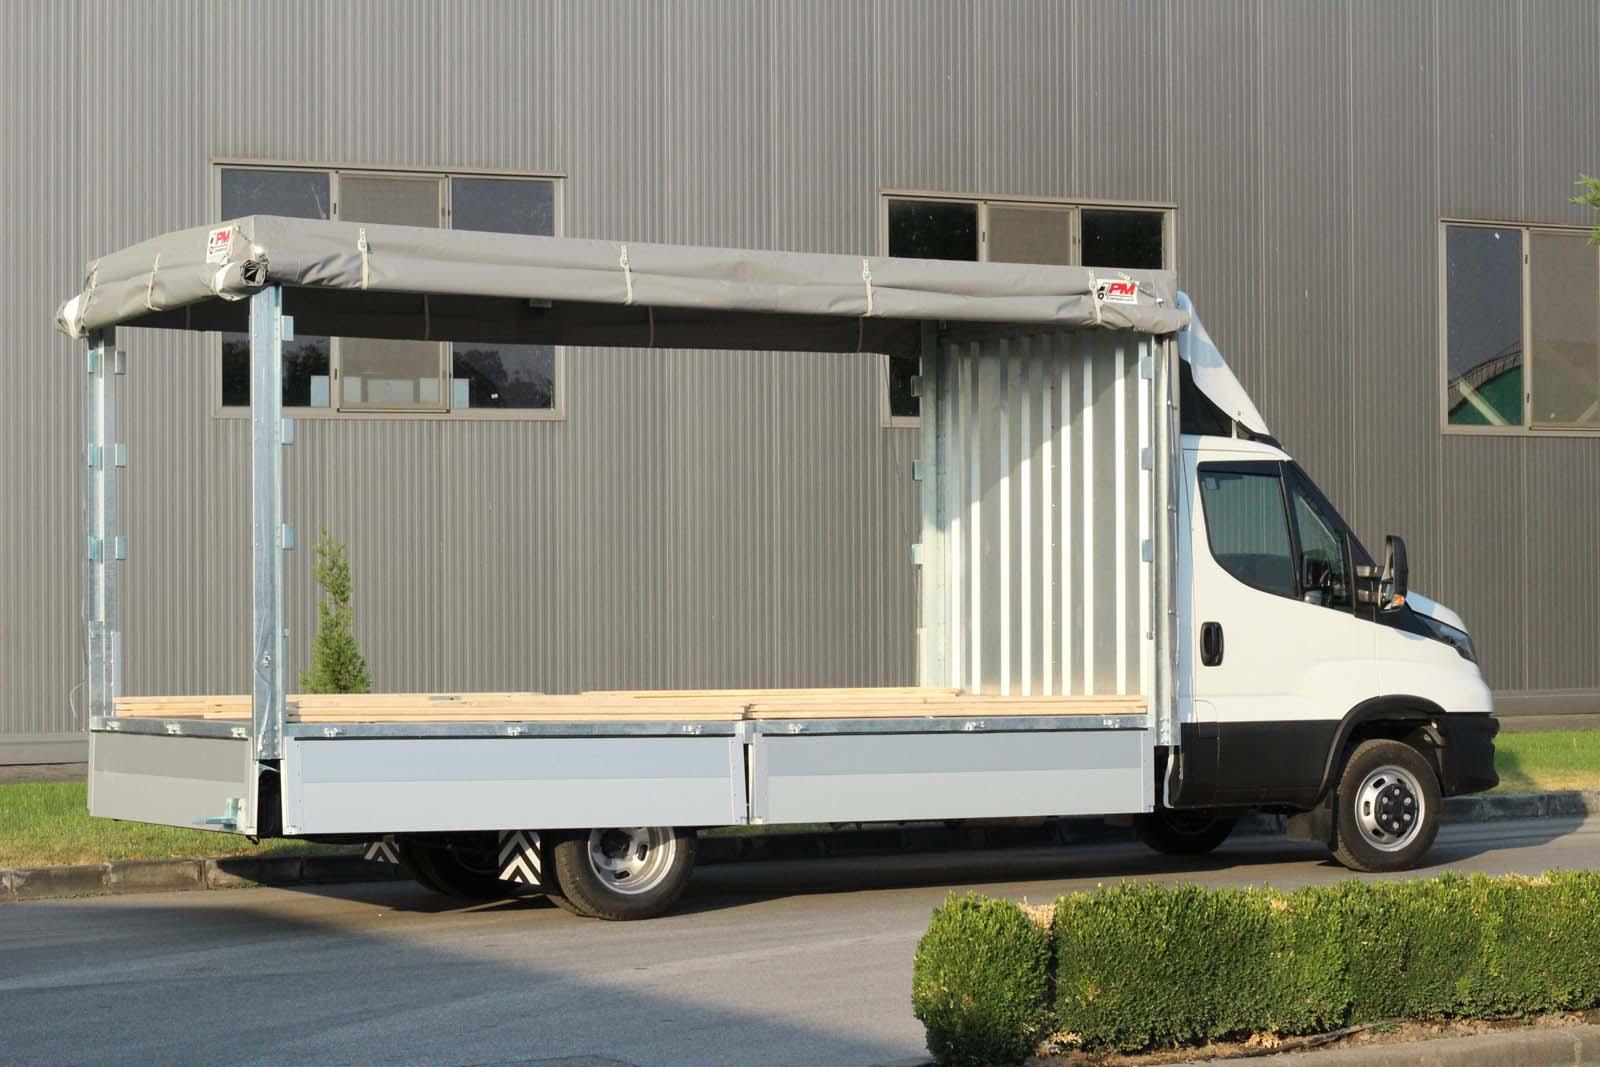 burgas-truck-service-upgrades-9